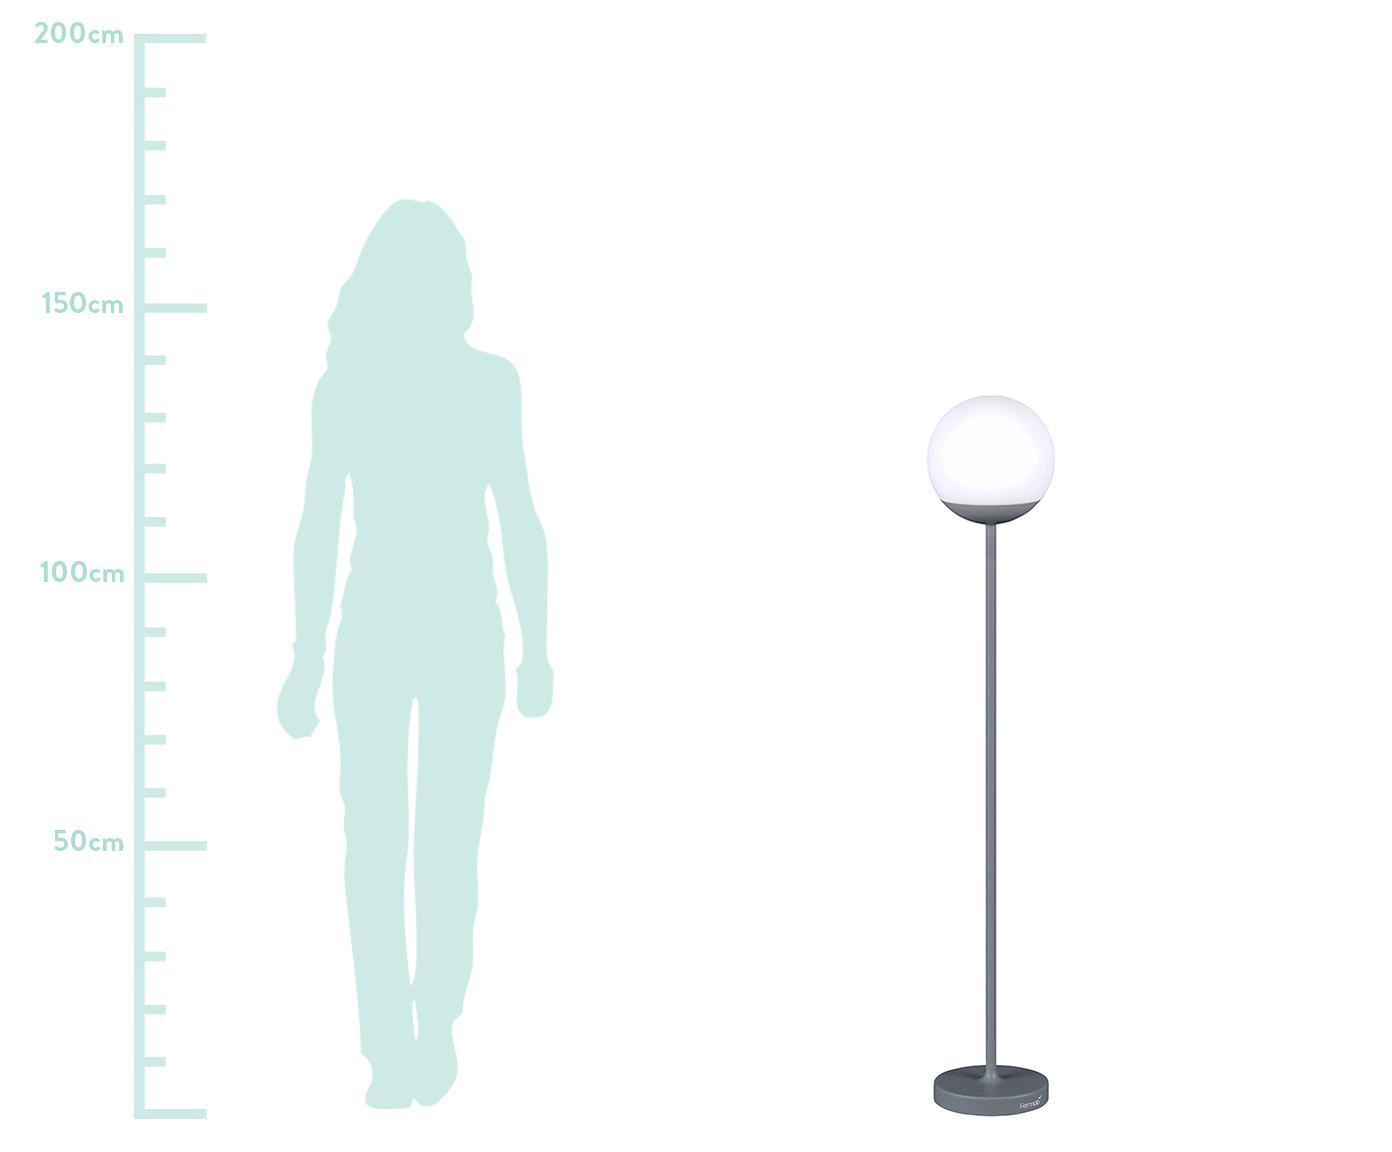 Zewnętrzna lampa mobilna LED Mooon, Szary burzowy, Ø 25 x W 134 cm